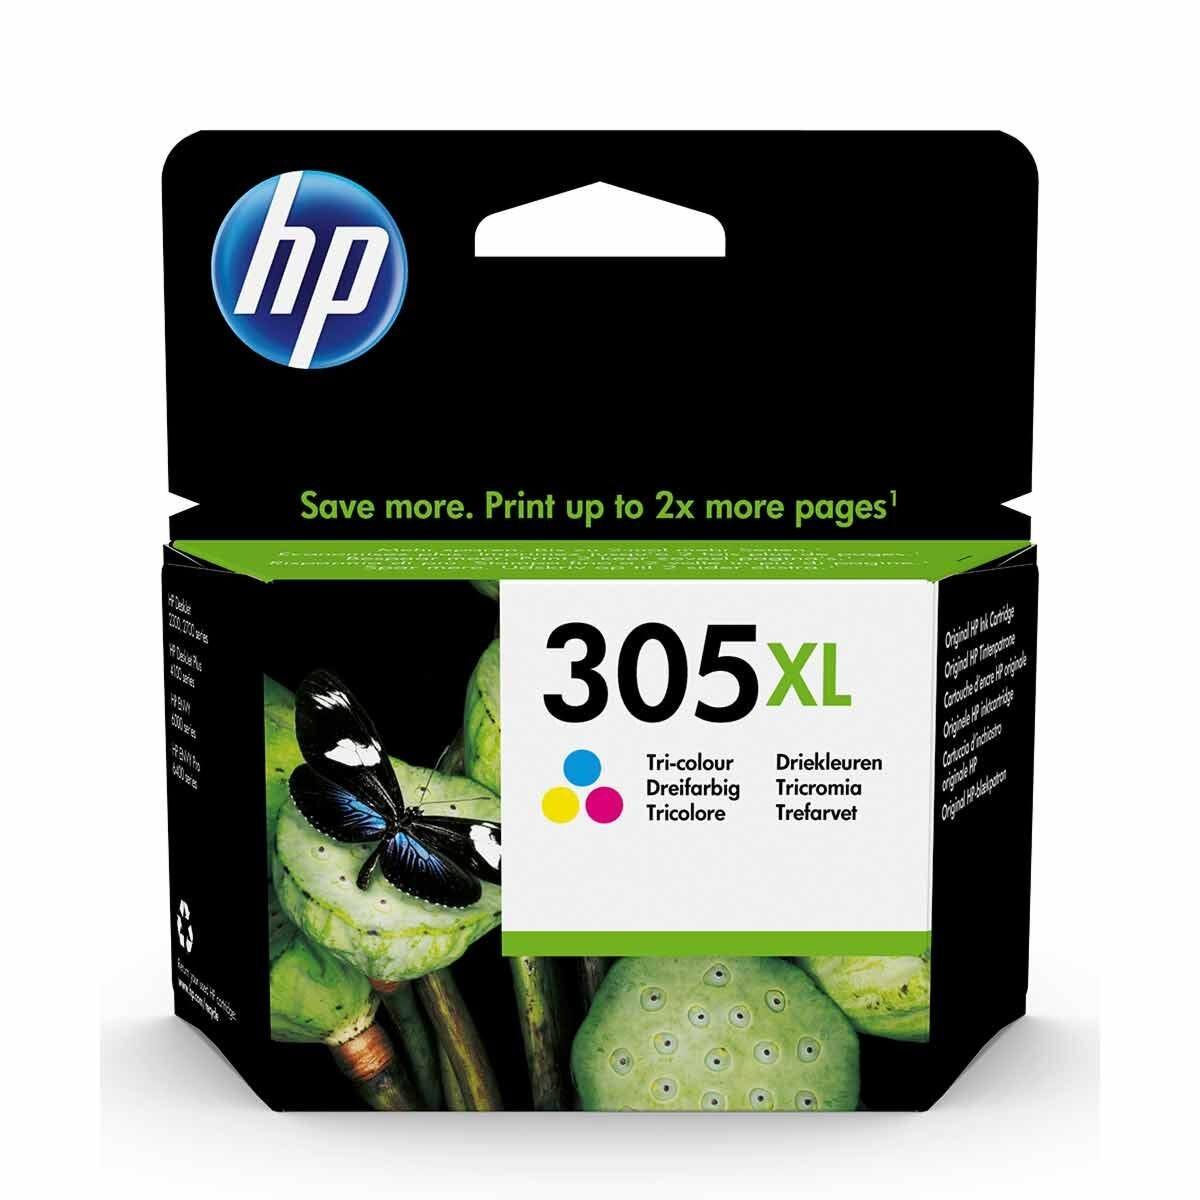 HP 305XL Ink Cartridge Tri-Colour